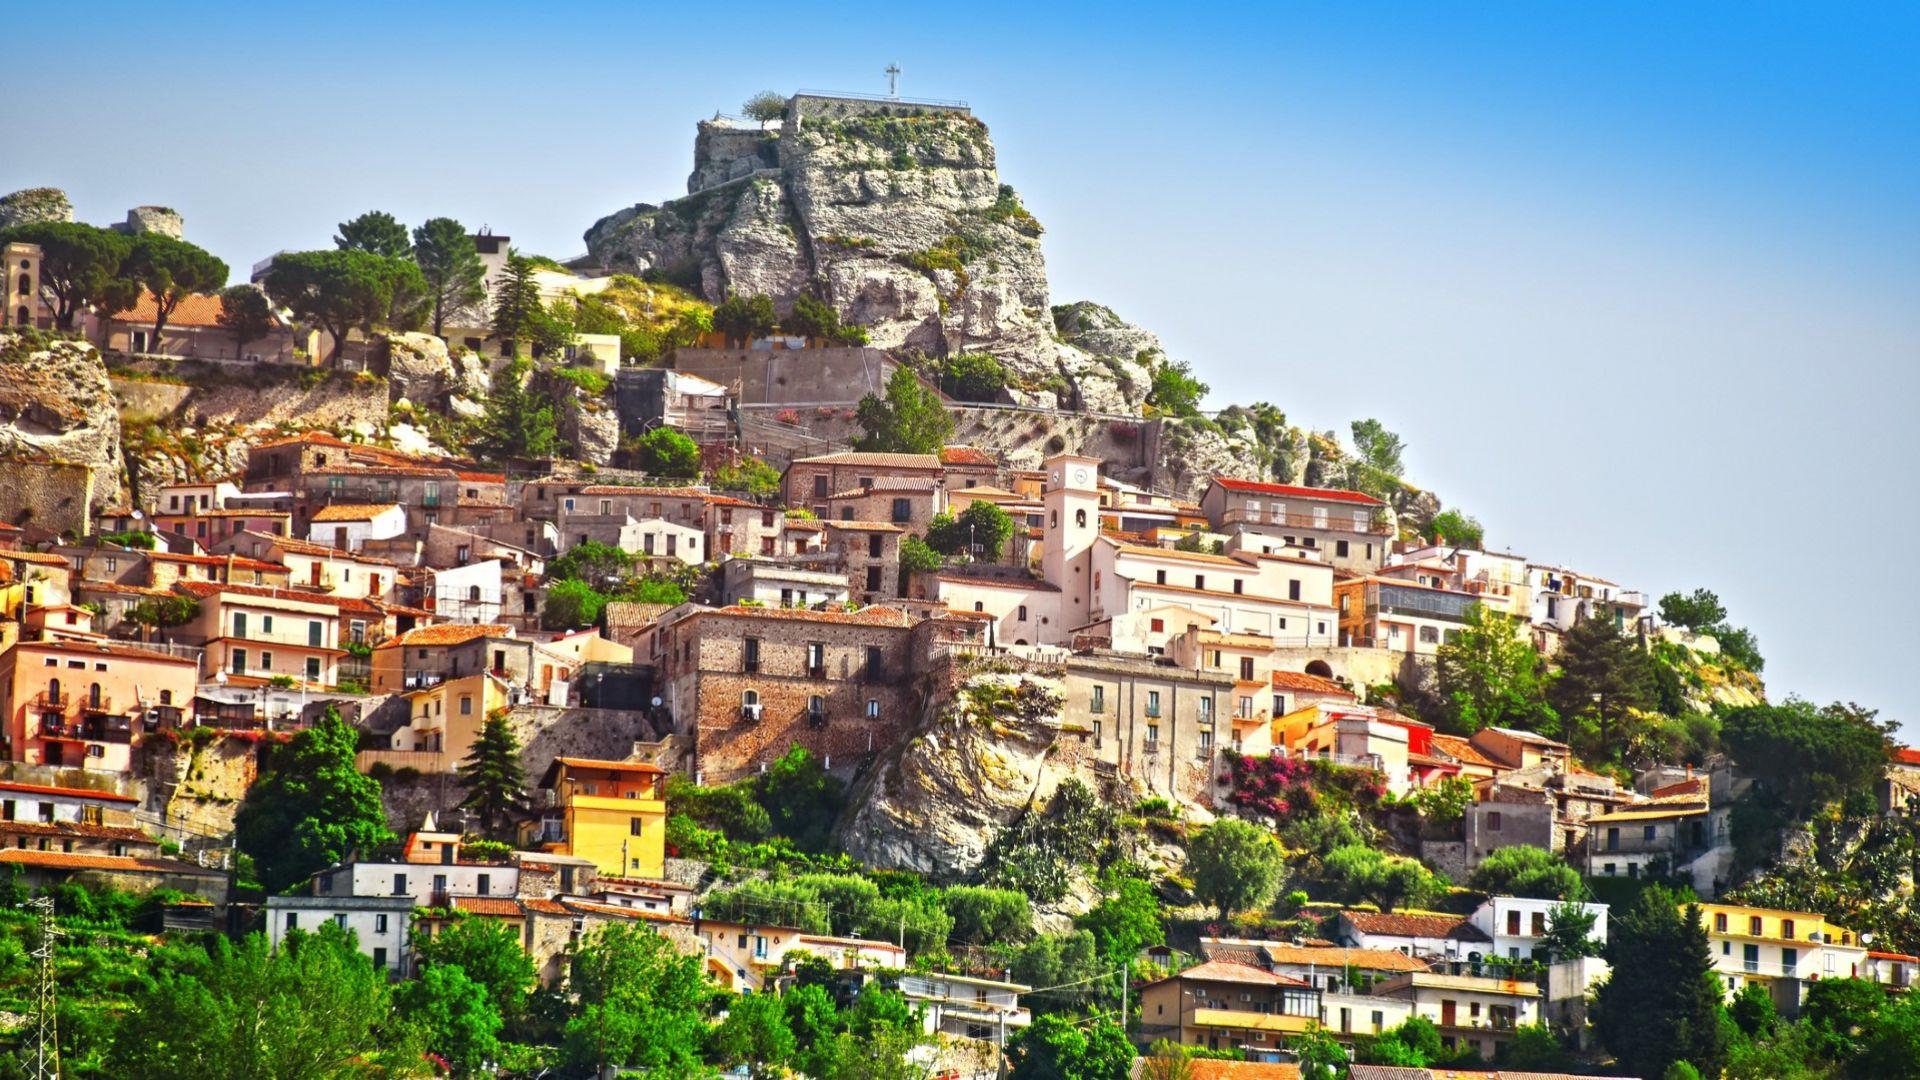 Тези 9 италиански села ще ви платят 28 000 евро да се преместите в тях